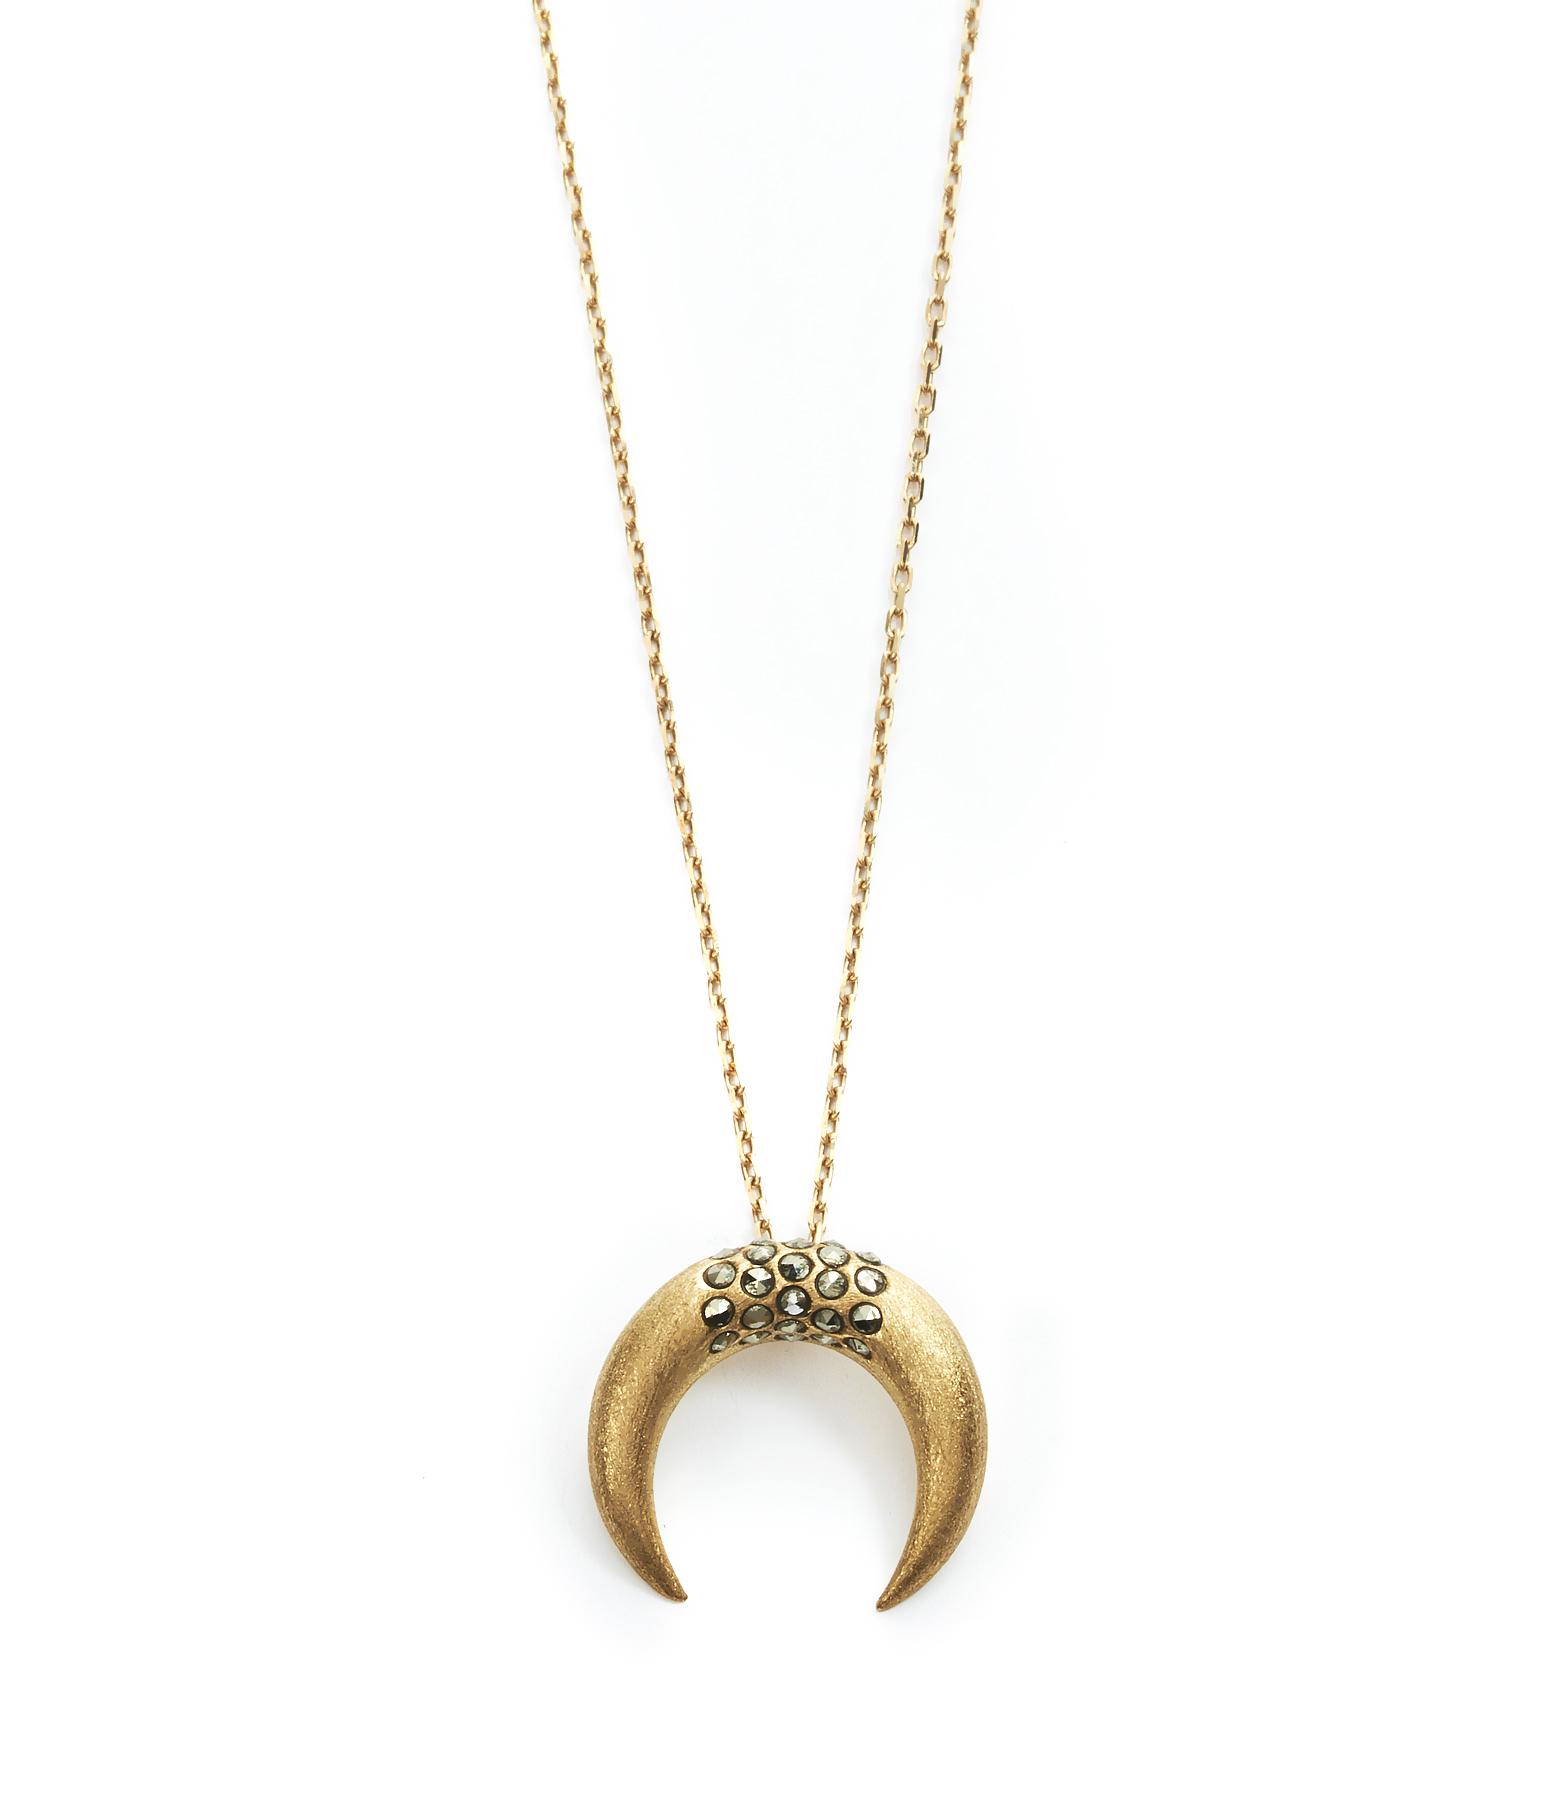 Collier Petite Corne Lune Antik Or Jaune 9K